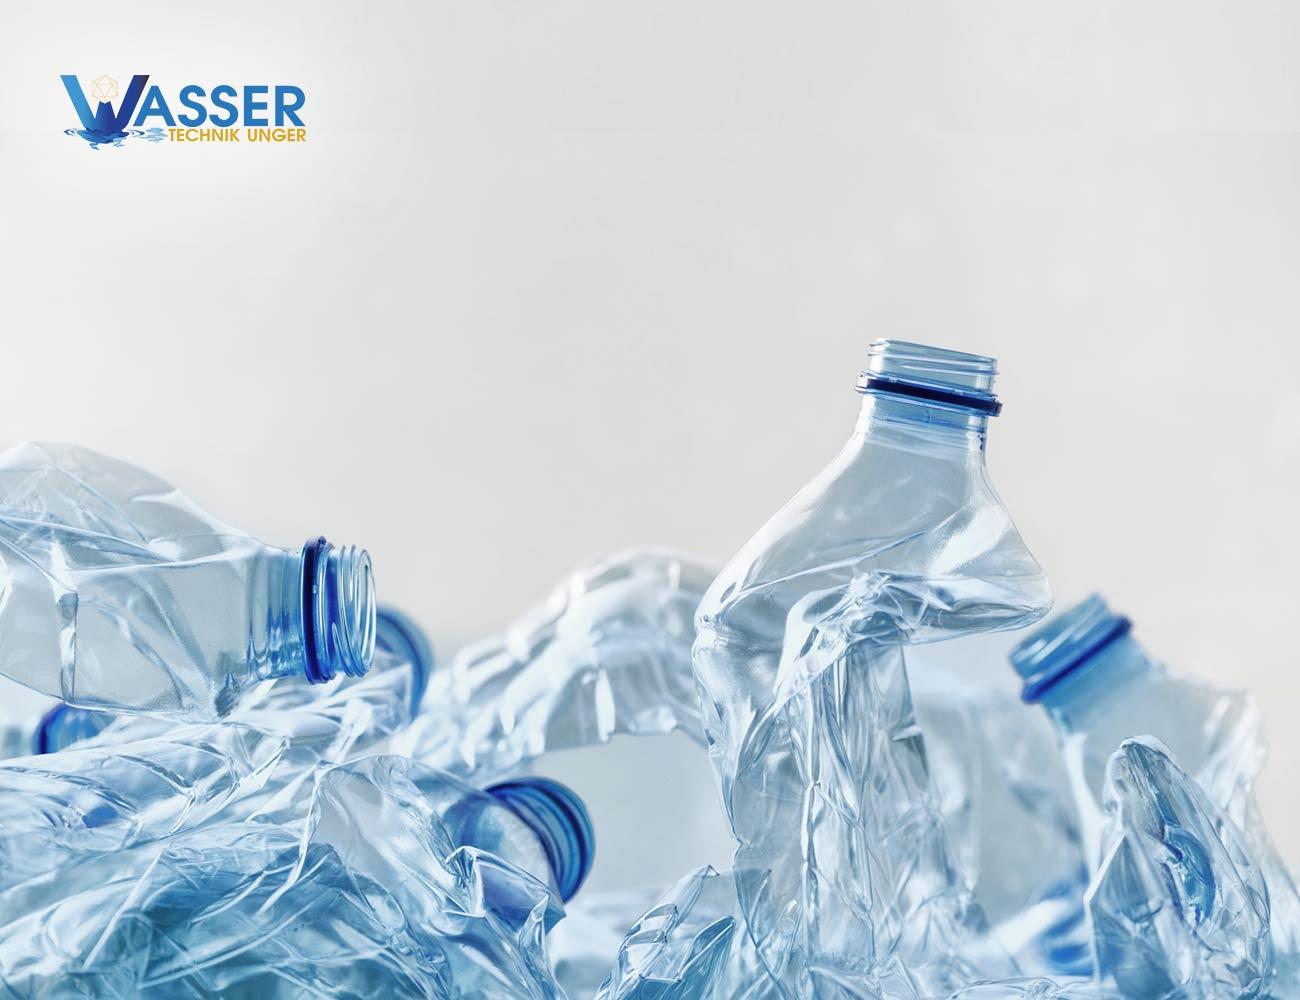 Plastikmüll zu reduzieren, kann so einfach sein | wassertechnik-unger.at